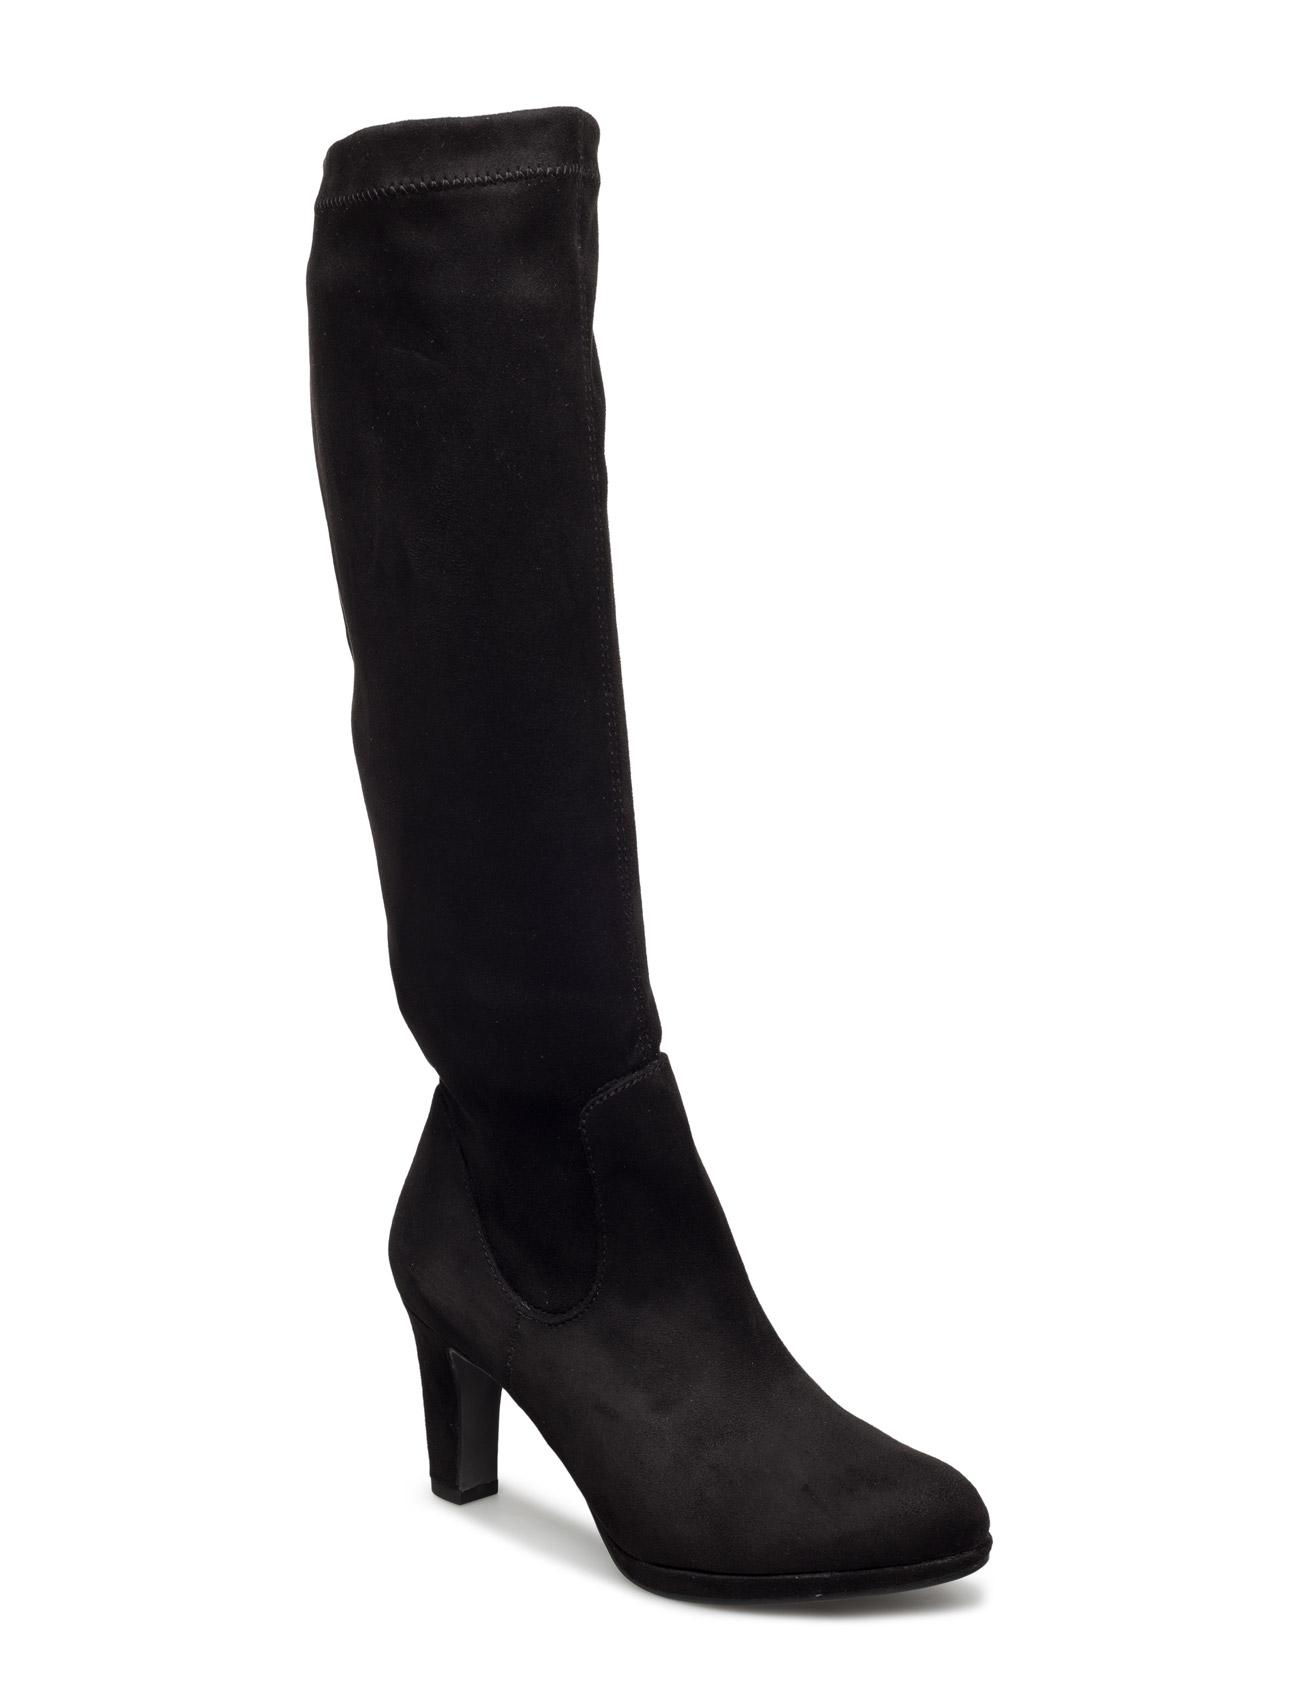 Woms Boots - Moffen Tamaris Støvler til Kvinder i Sort